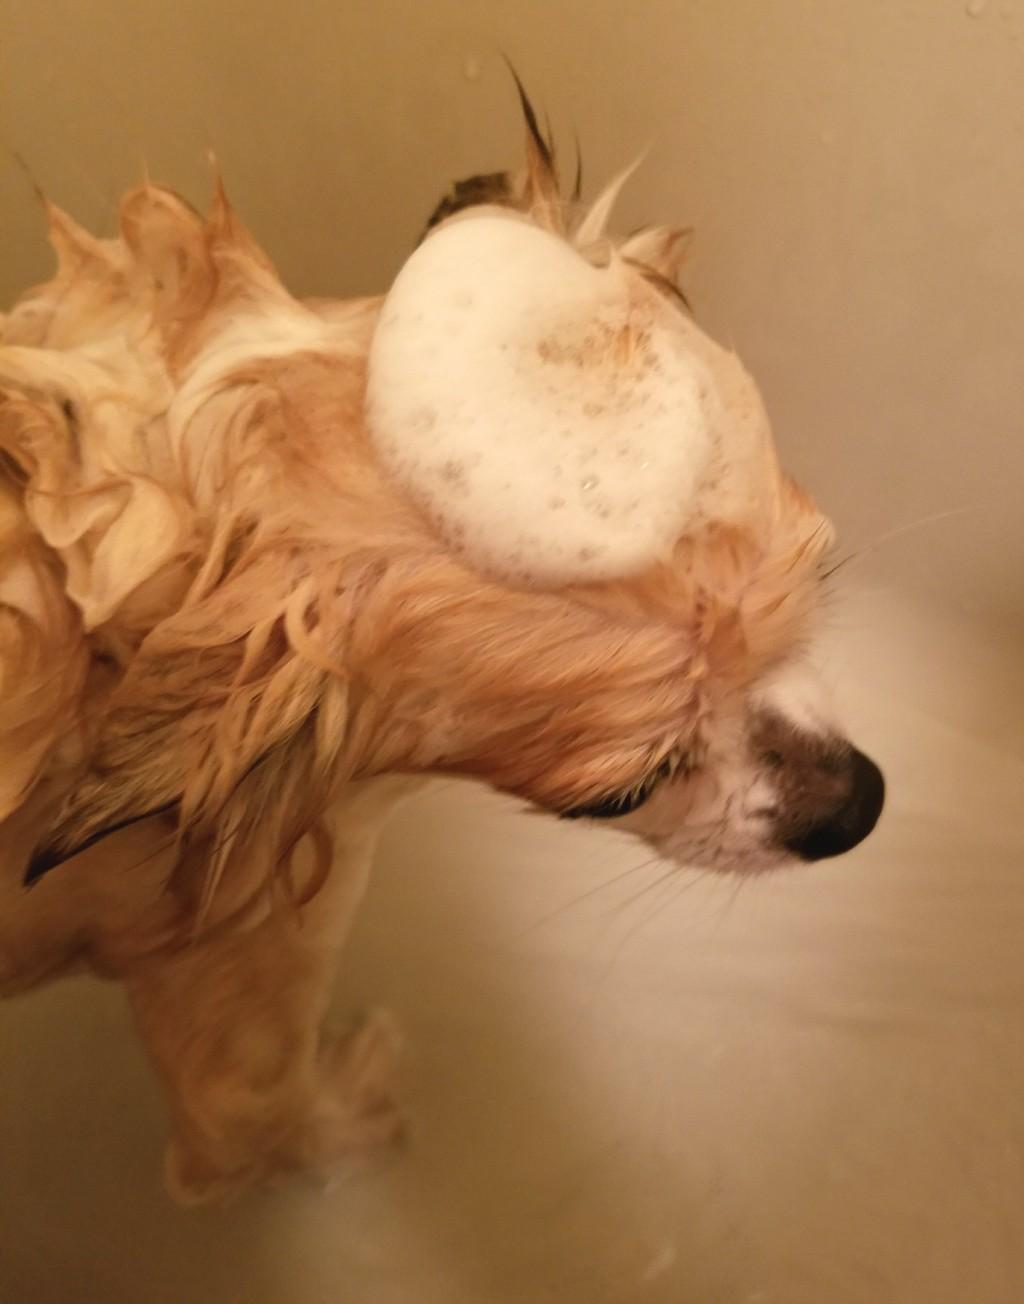 現役美容師が飼ってる犬をシャンプーカットしたっていう話。